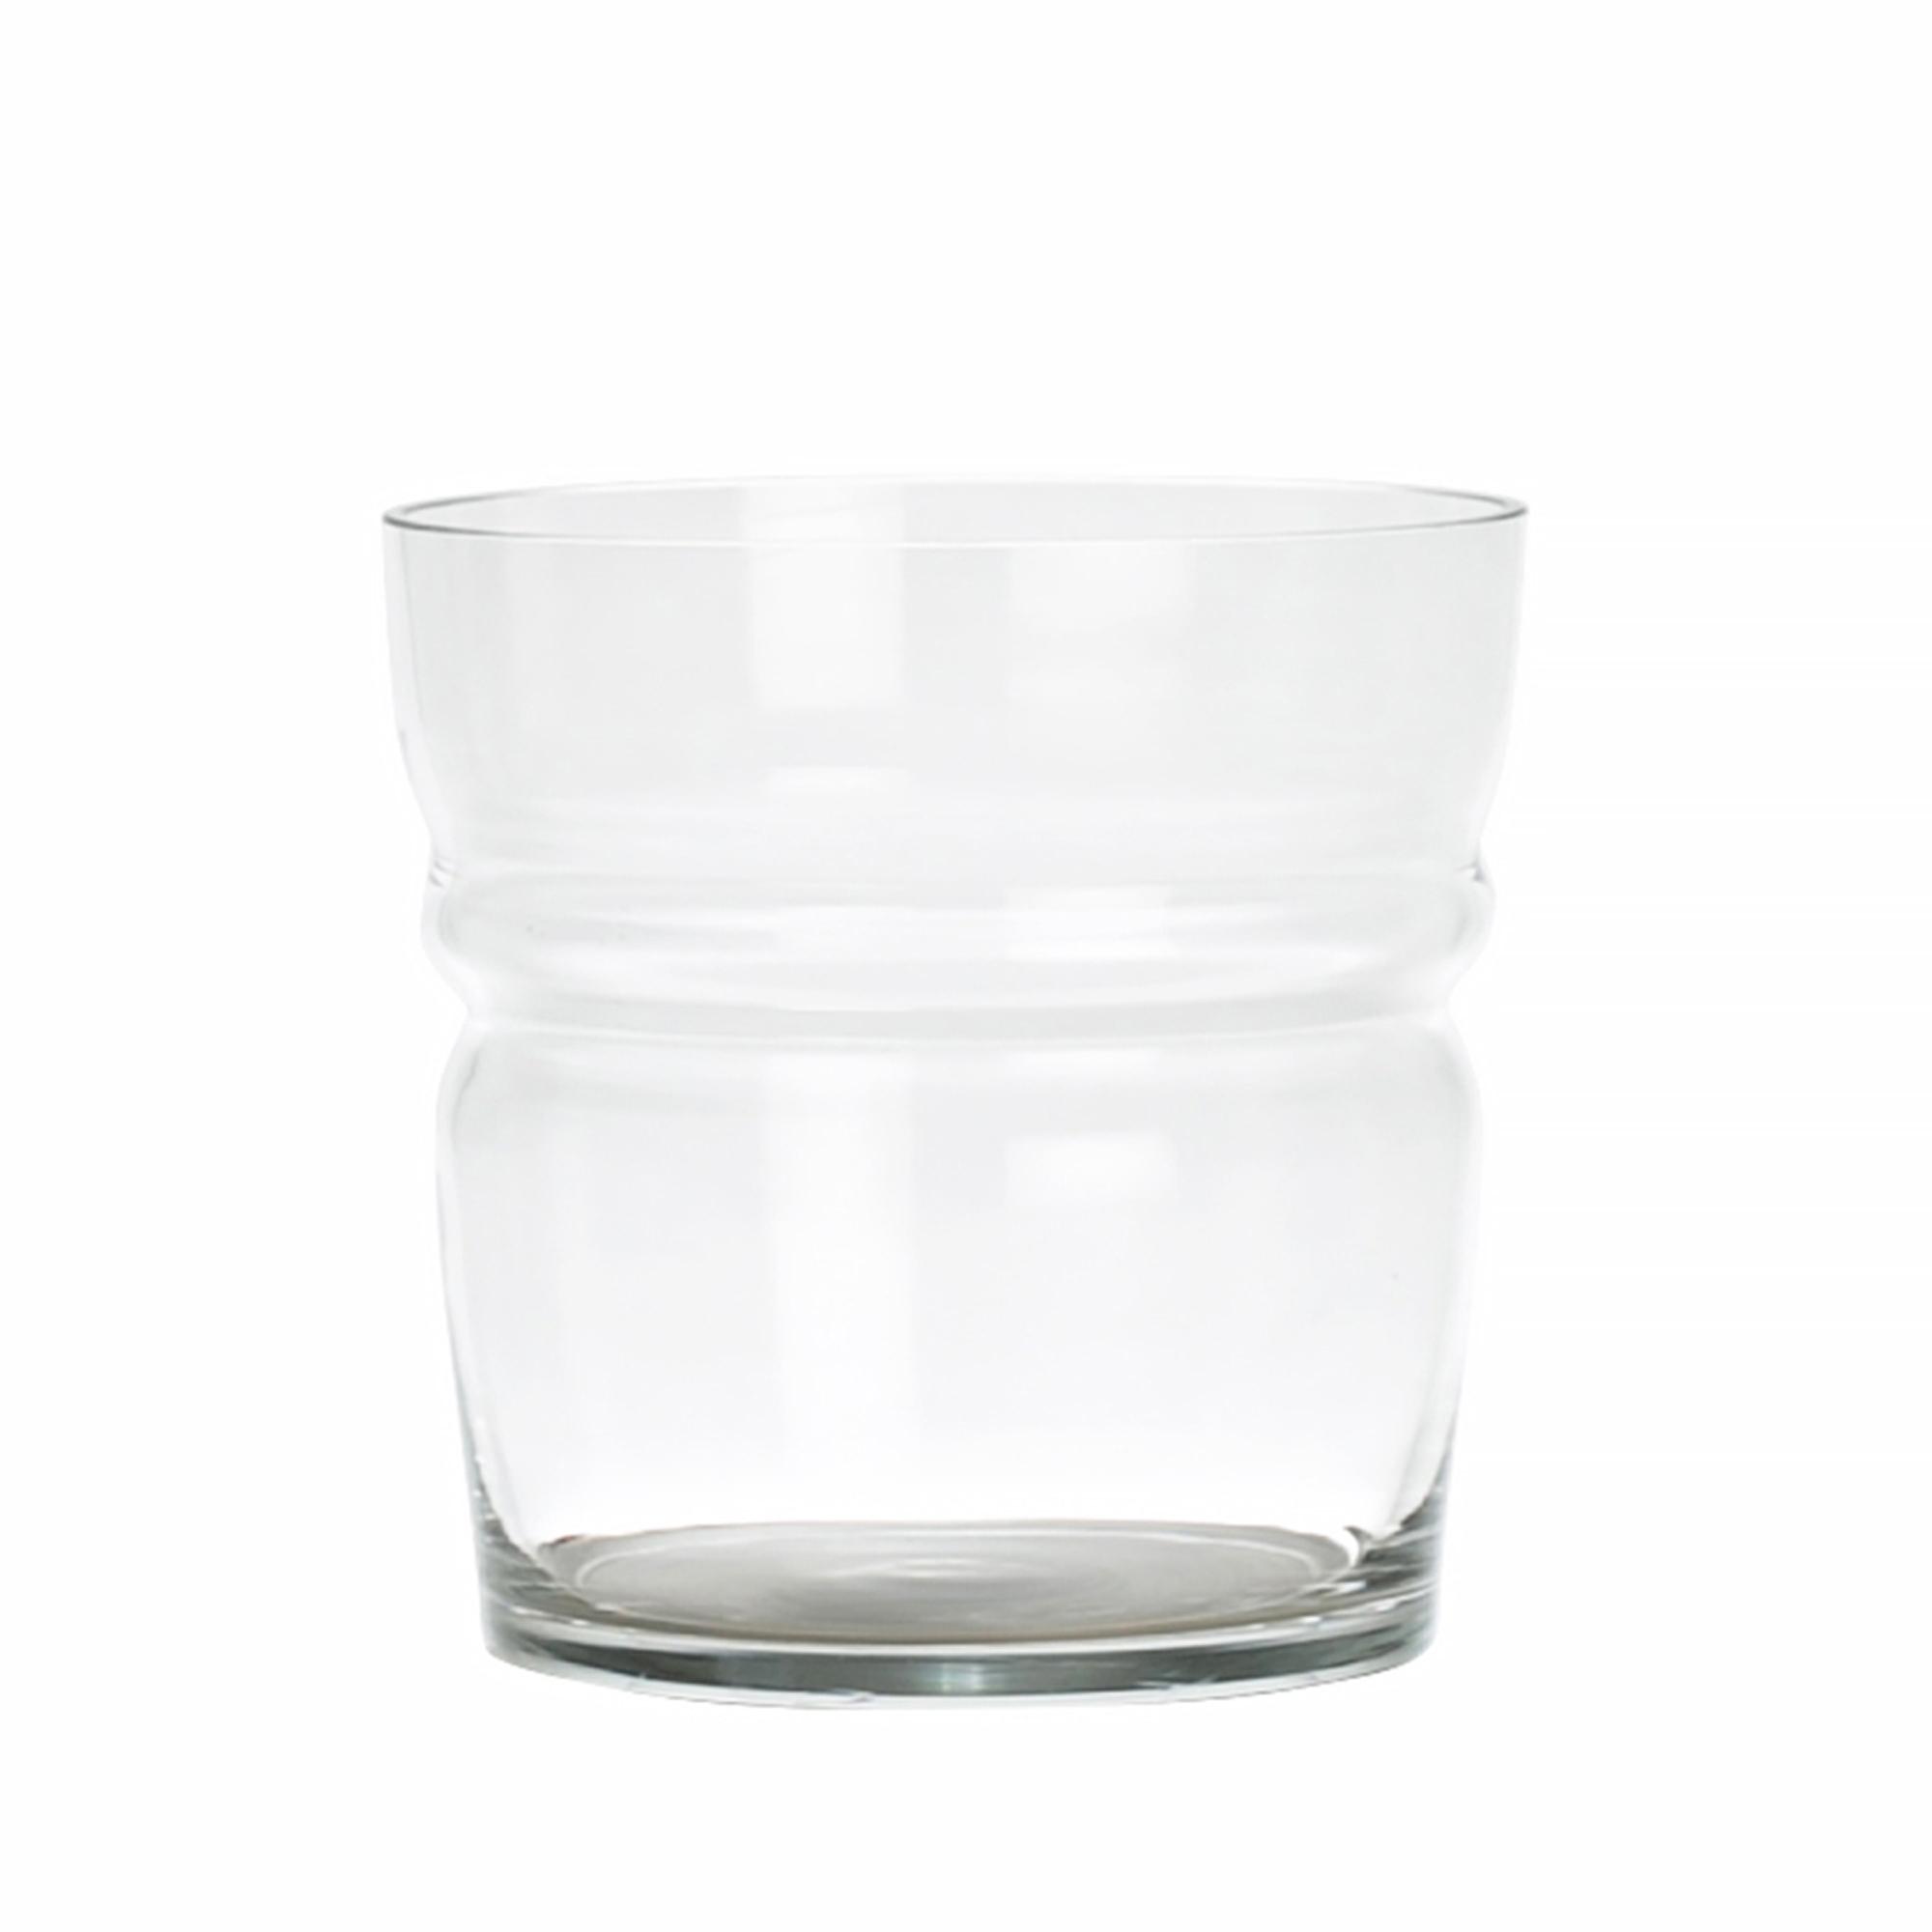 Designtorget Glas Krås 25cl